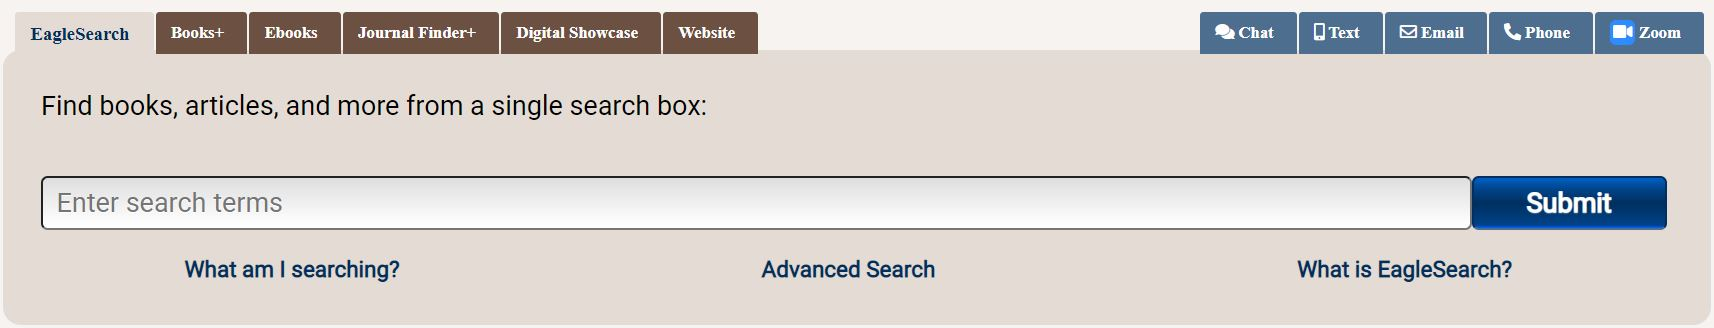 quick search box